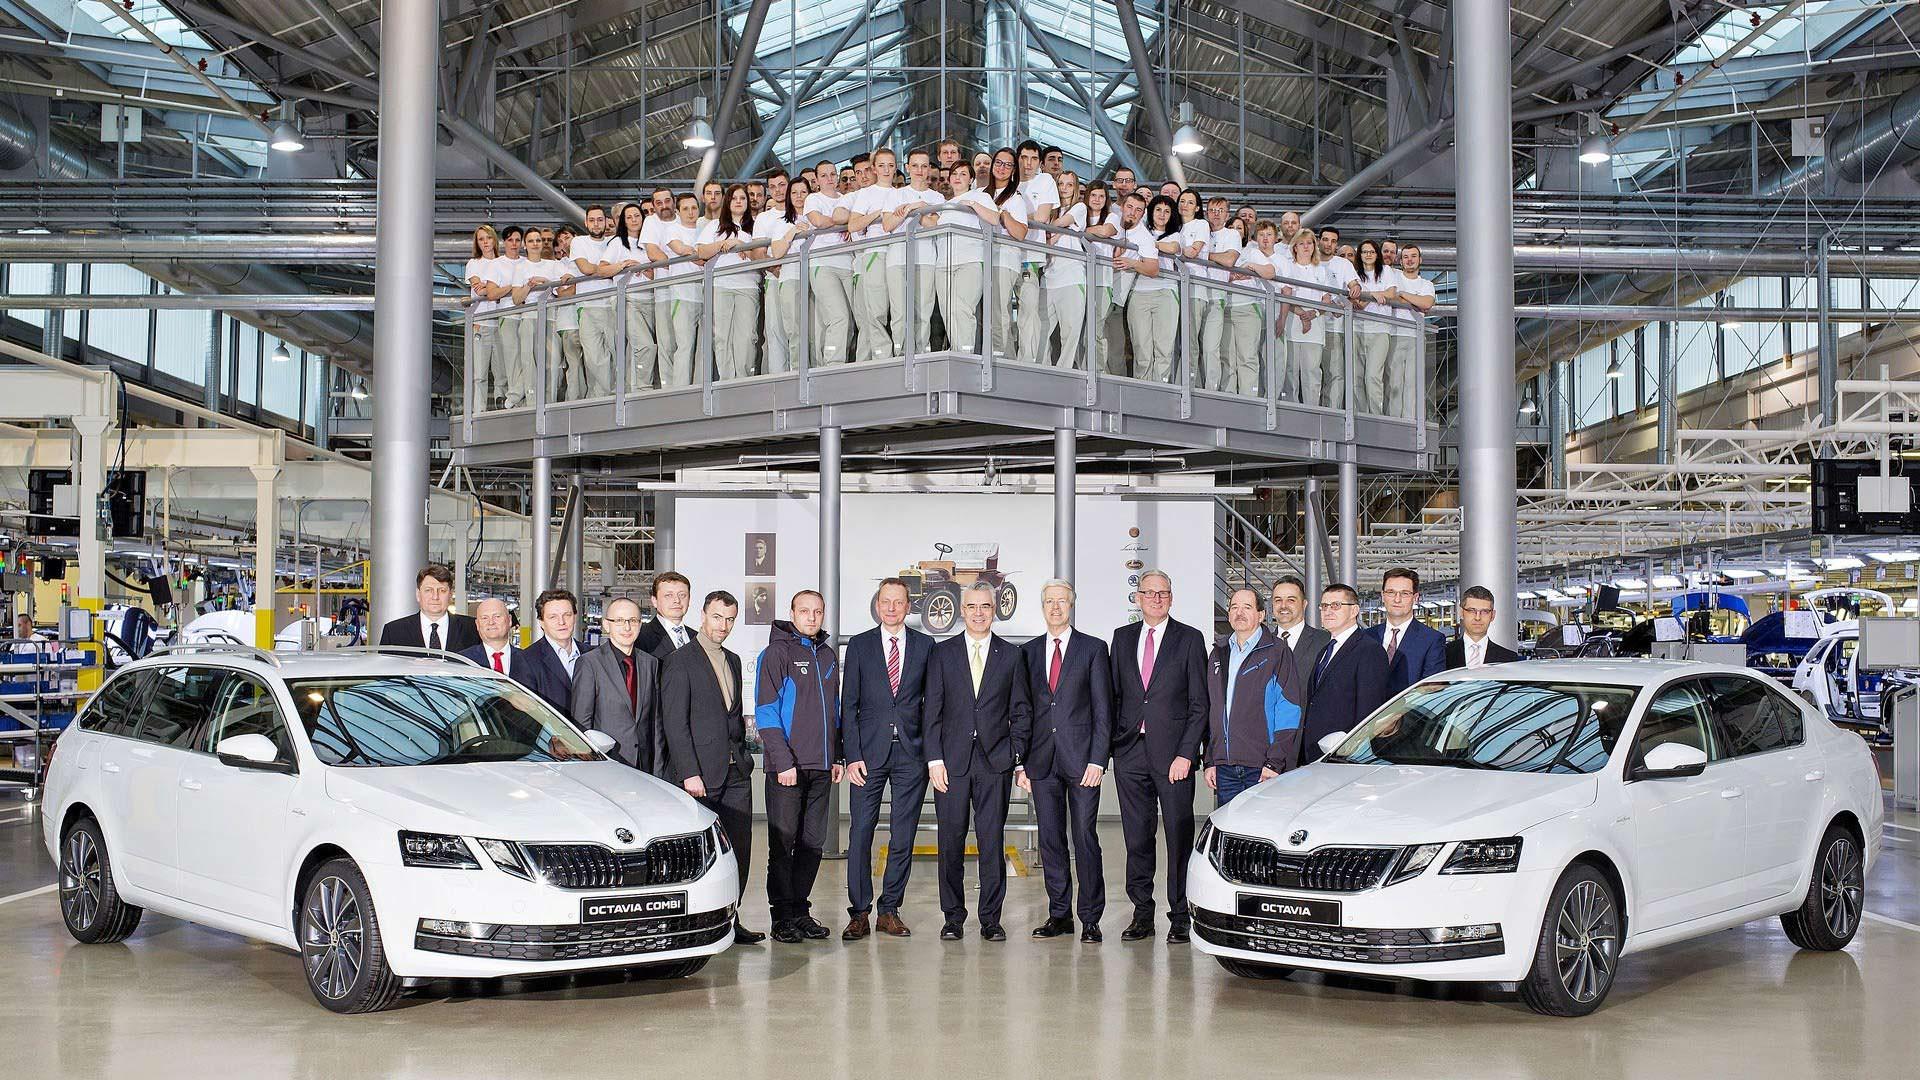 Рестайлинг Skoda Octavia и Octavia Combi 2017, завод в Чехии